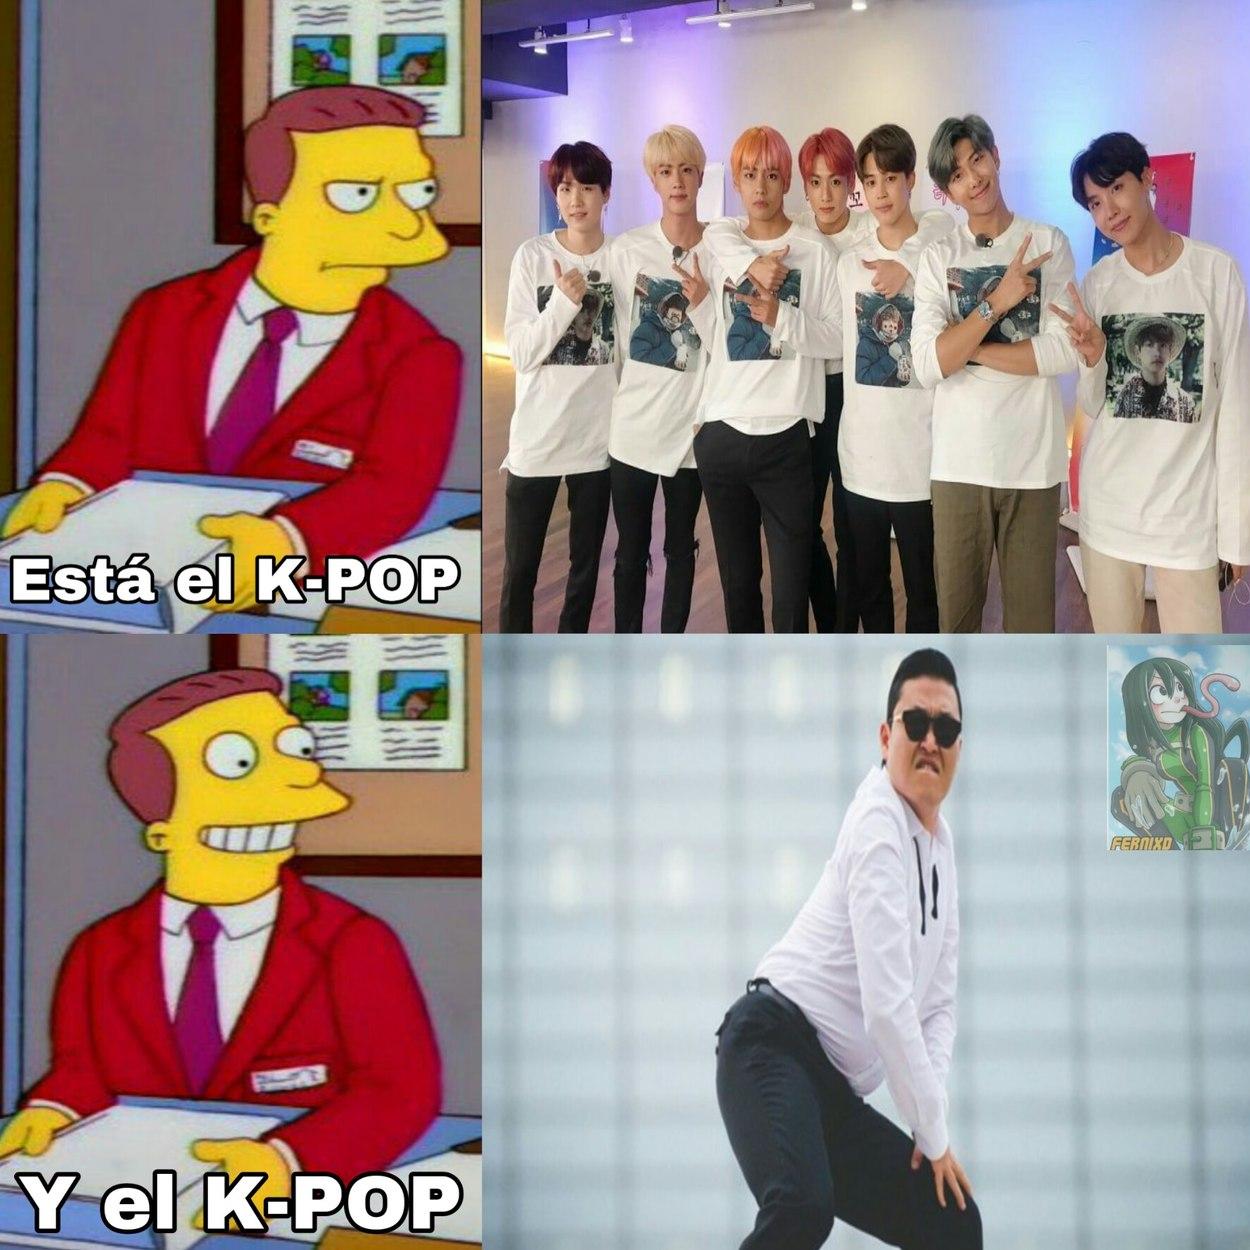 Ese k-pop si se puede ver :sweet: - meme